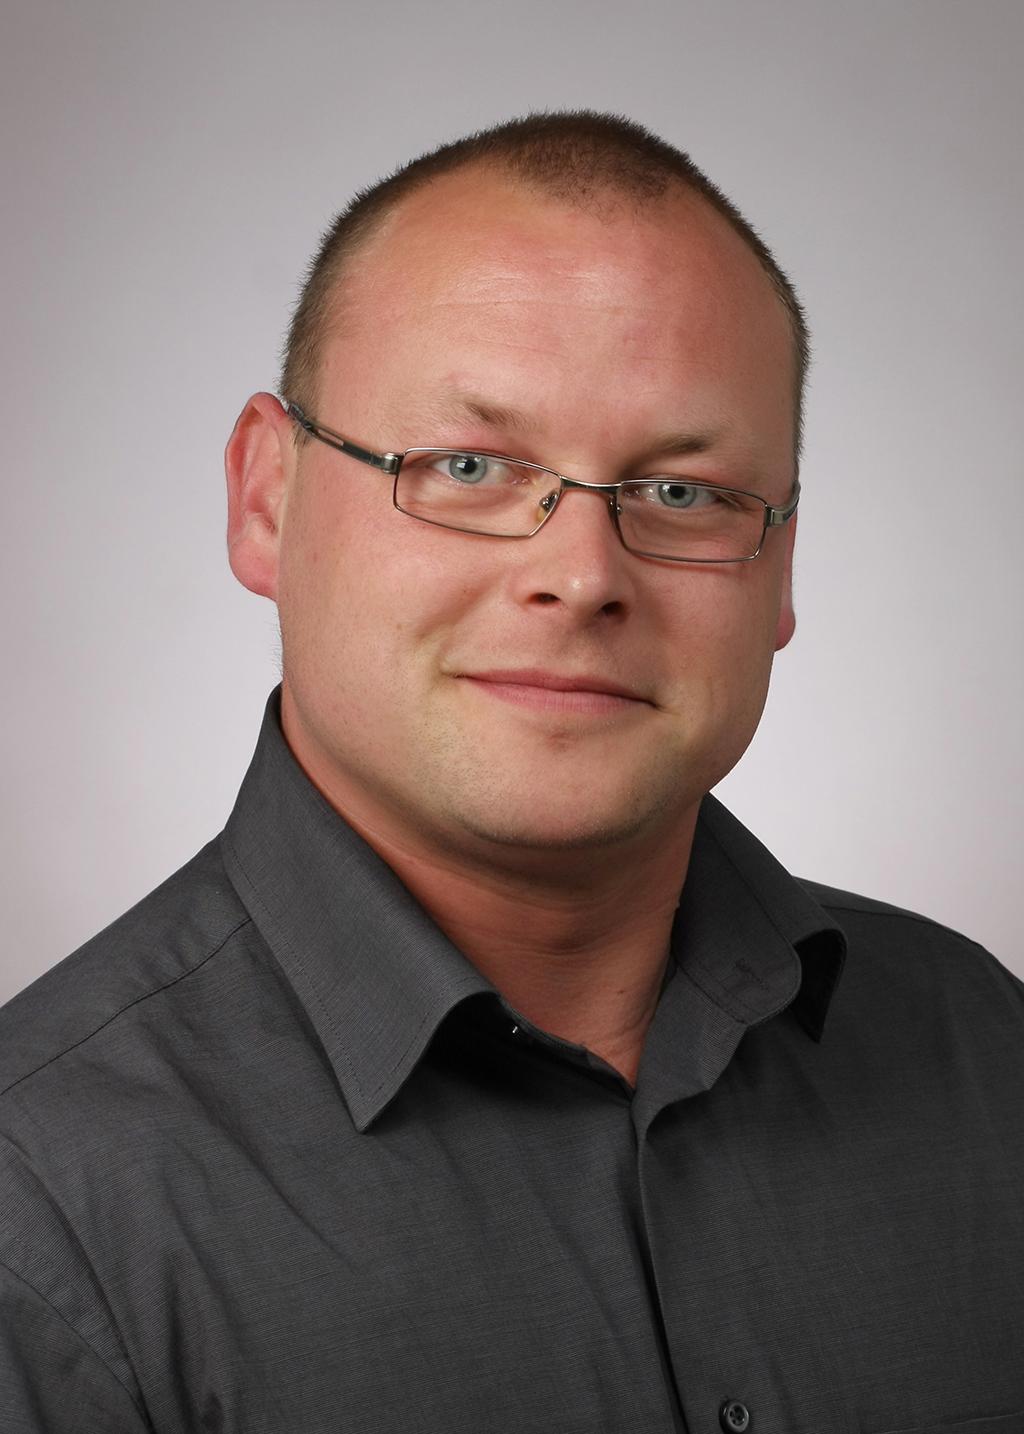 Steven Burchard : B. Eng. Bauingenieur - Bauleiter